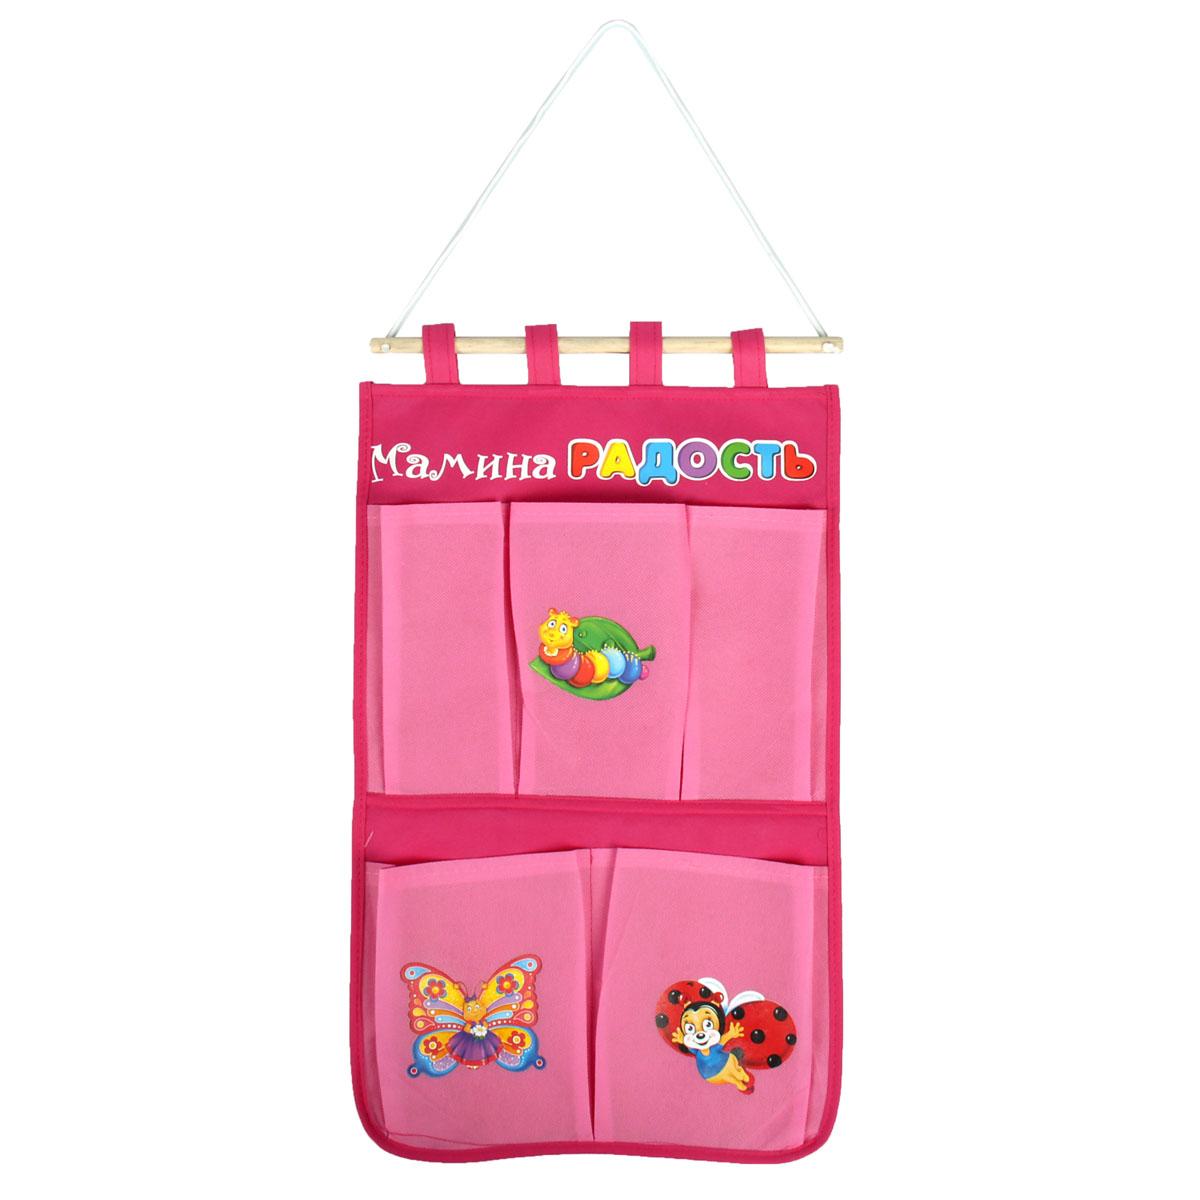 Кармашки на стену Sima-land Мамина радость, цвет: розовый, 5 шт906888Кармашки на стену Sima-land Мамина радость, изготовленные из текстиля, предназначены для хранения необходимых вещей, множества мелочей в гардеробной, ванной, детской комнатах. Изделие представляет собой текстильное полотно с 5 пришитыми кармашками. Благодаря деревянной планке и шнурку, кармашки можно подвесить на стену или дверь в необходимом для вас месте. Кармашки декорированы изображениями гусеницы, бабочки и божьей коровки. Этот нужный предмет может стать одновременно и декоративным элементом комнаты. Яркий дизайн, как ничто иное, способен оживить интерьер вашего дома.